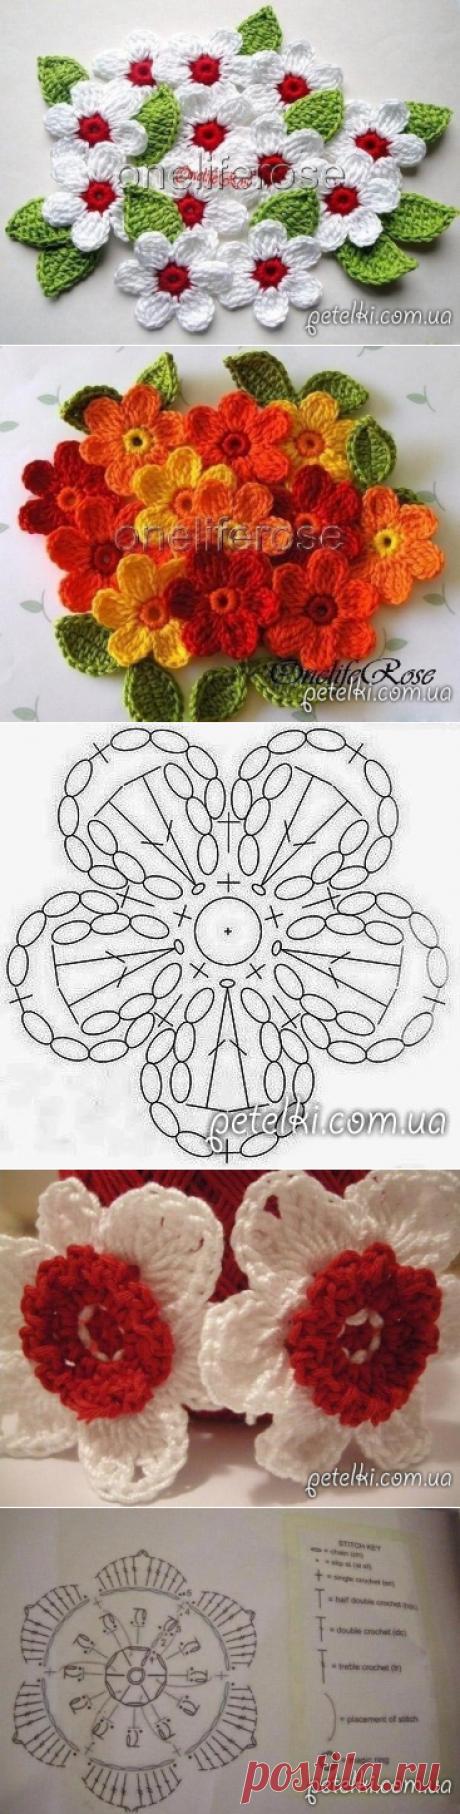 Decorative flower napkin. Schemes